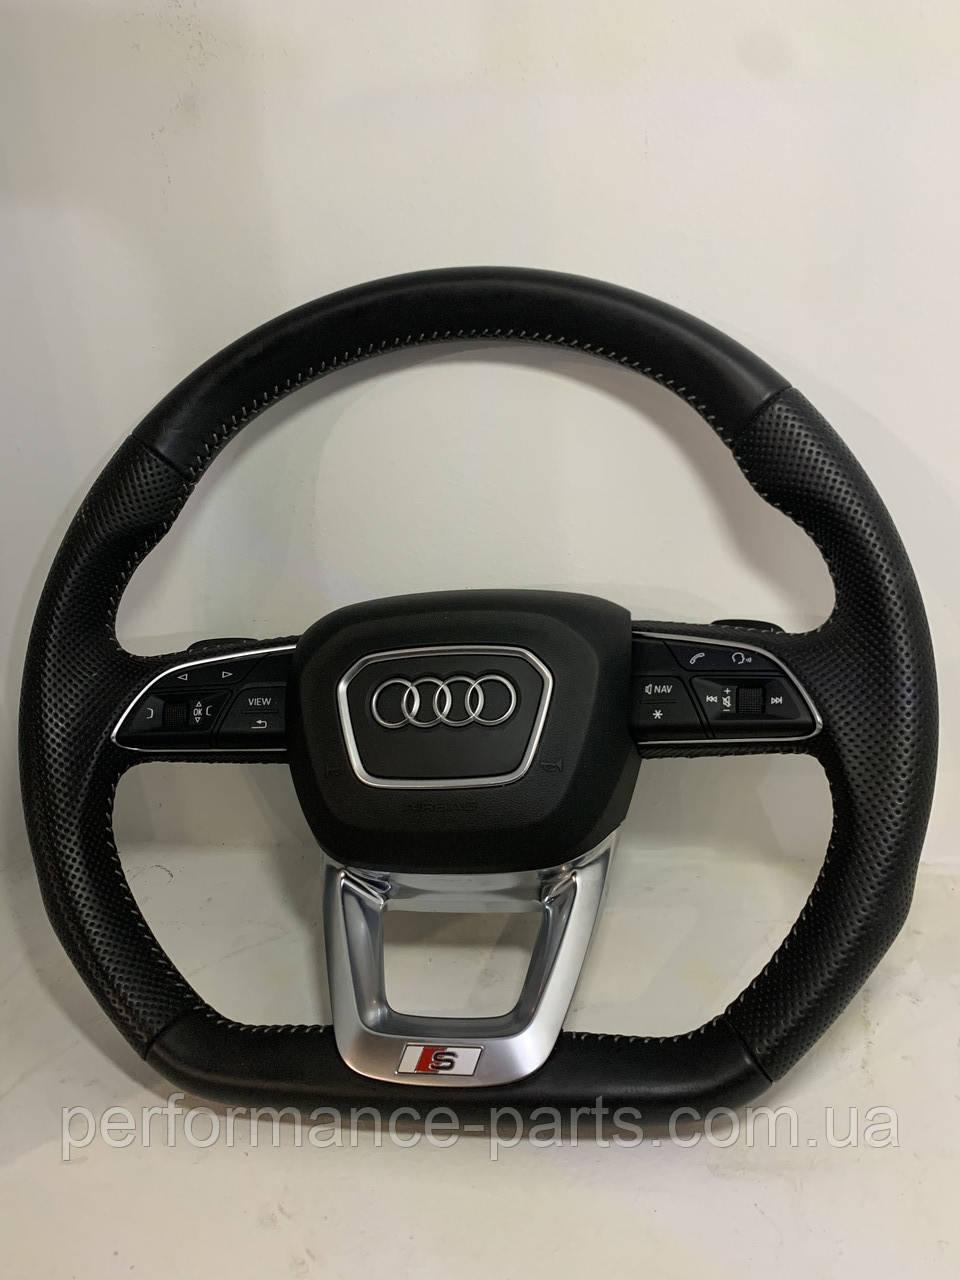 Мультируль Audi Ауді Q5, Q7 Q3,Кермо Audi Ку5 Ку7 Ку3 VW VAG